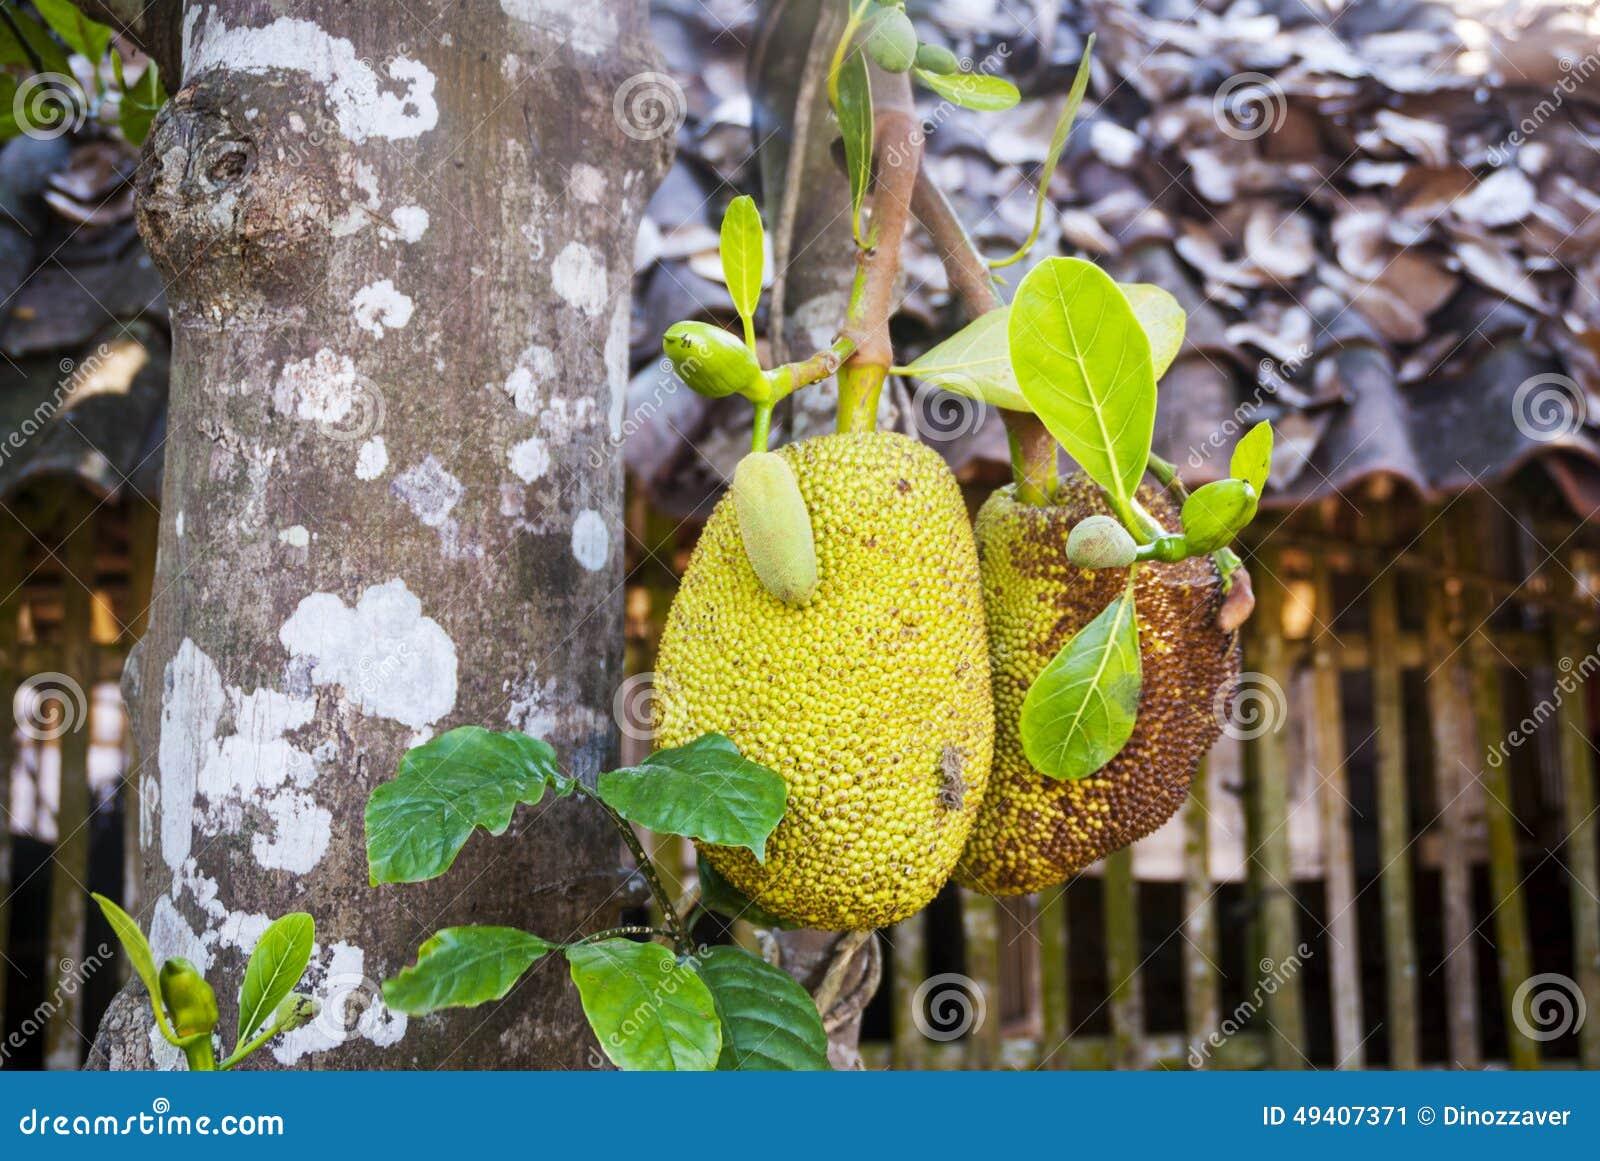 Download Brotfrüchte, Die Auf Dem Baum Wachsen Stockbild - Bild von köstlich, exotisch: 49407371